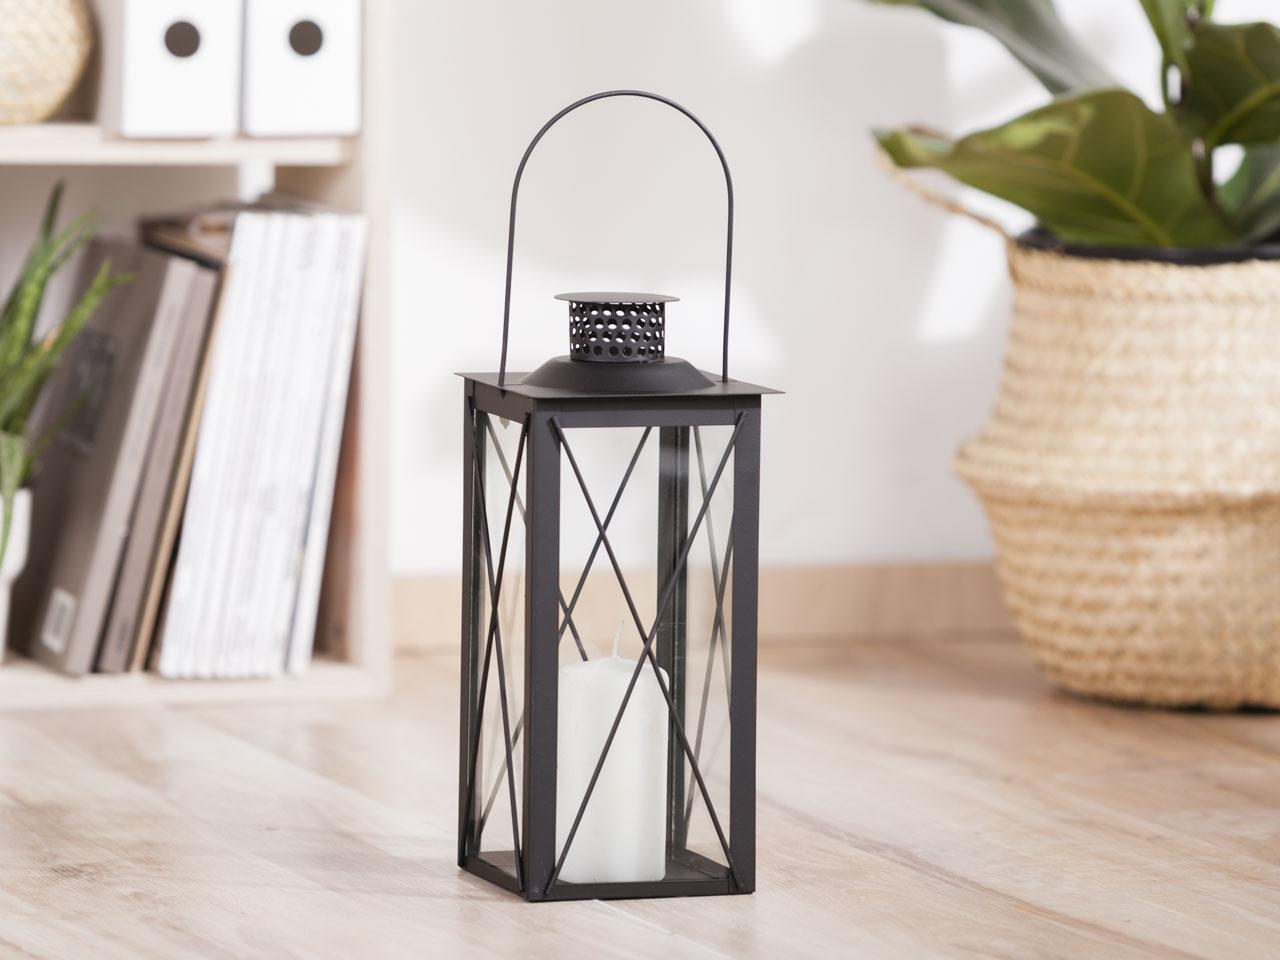 Latarenka / latarnia / lampion ozdobny wiszący Altom Design metalowa kwadratowa czarna 13,8x31 cm